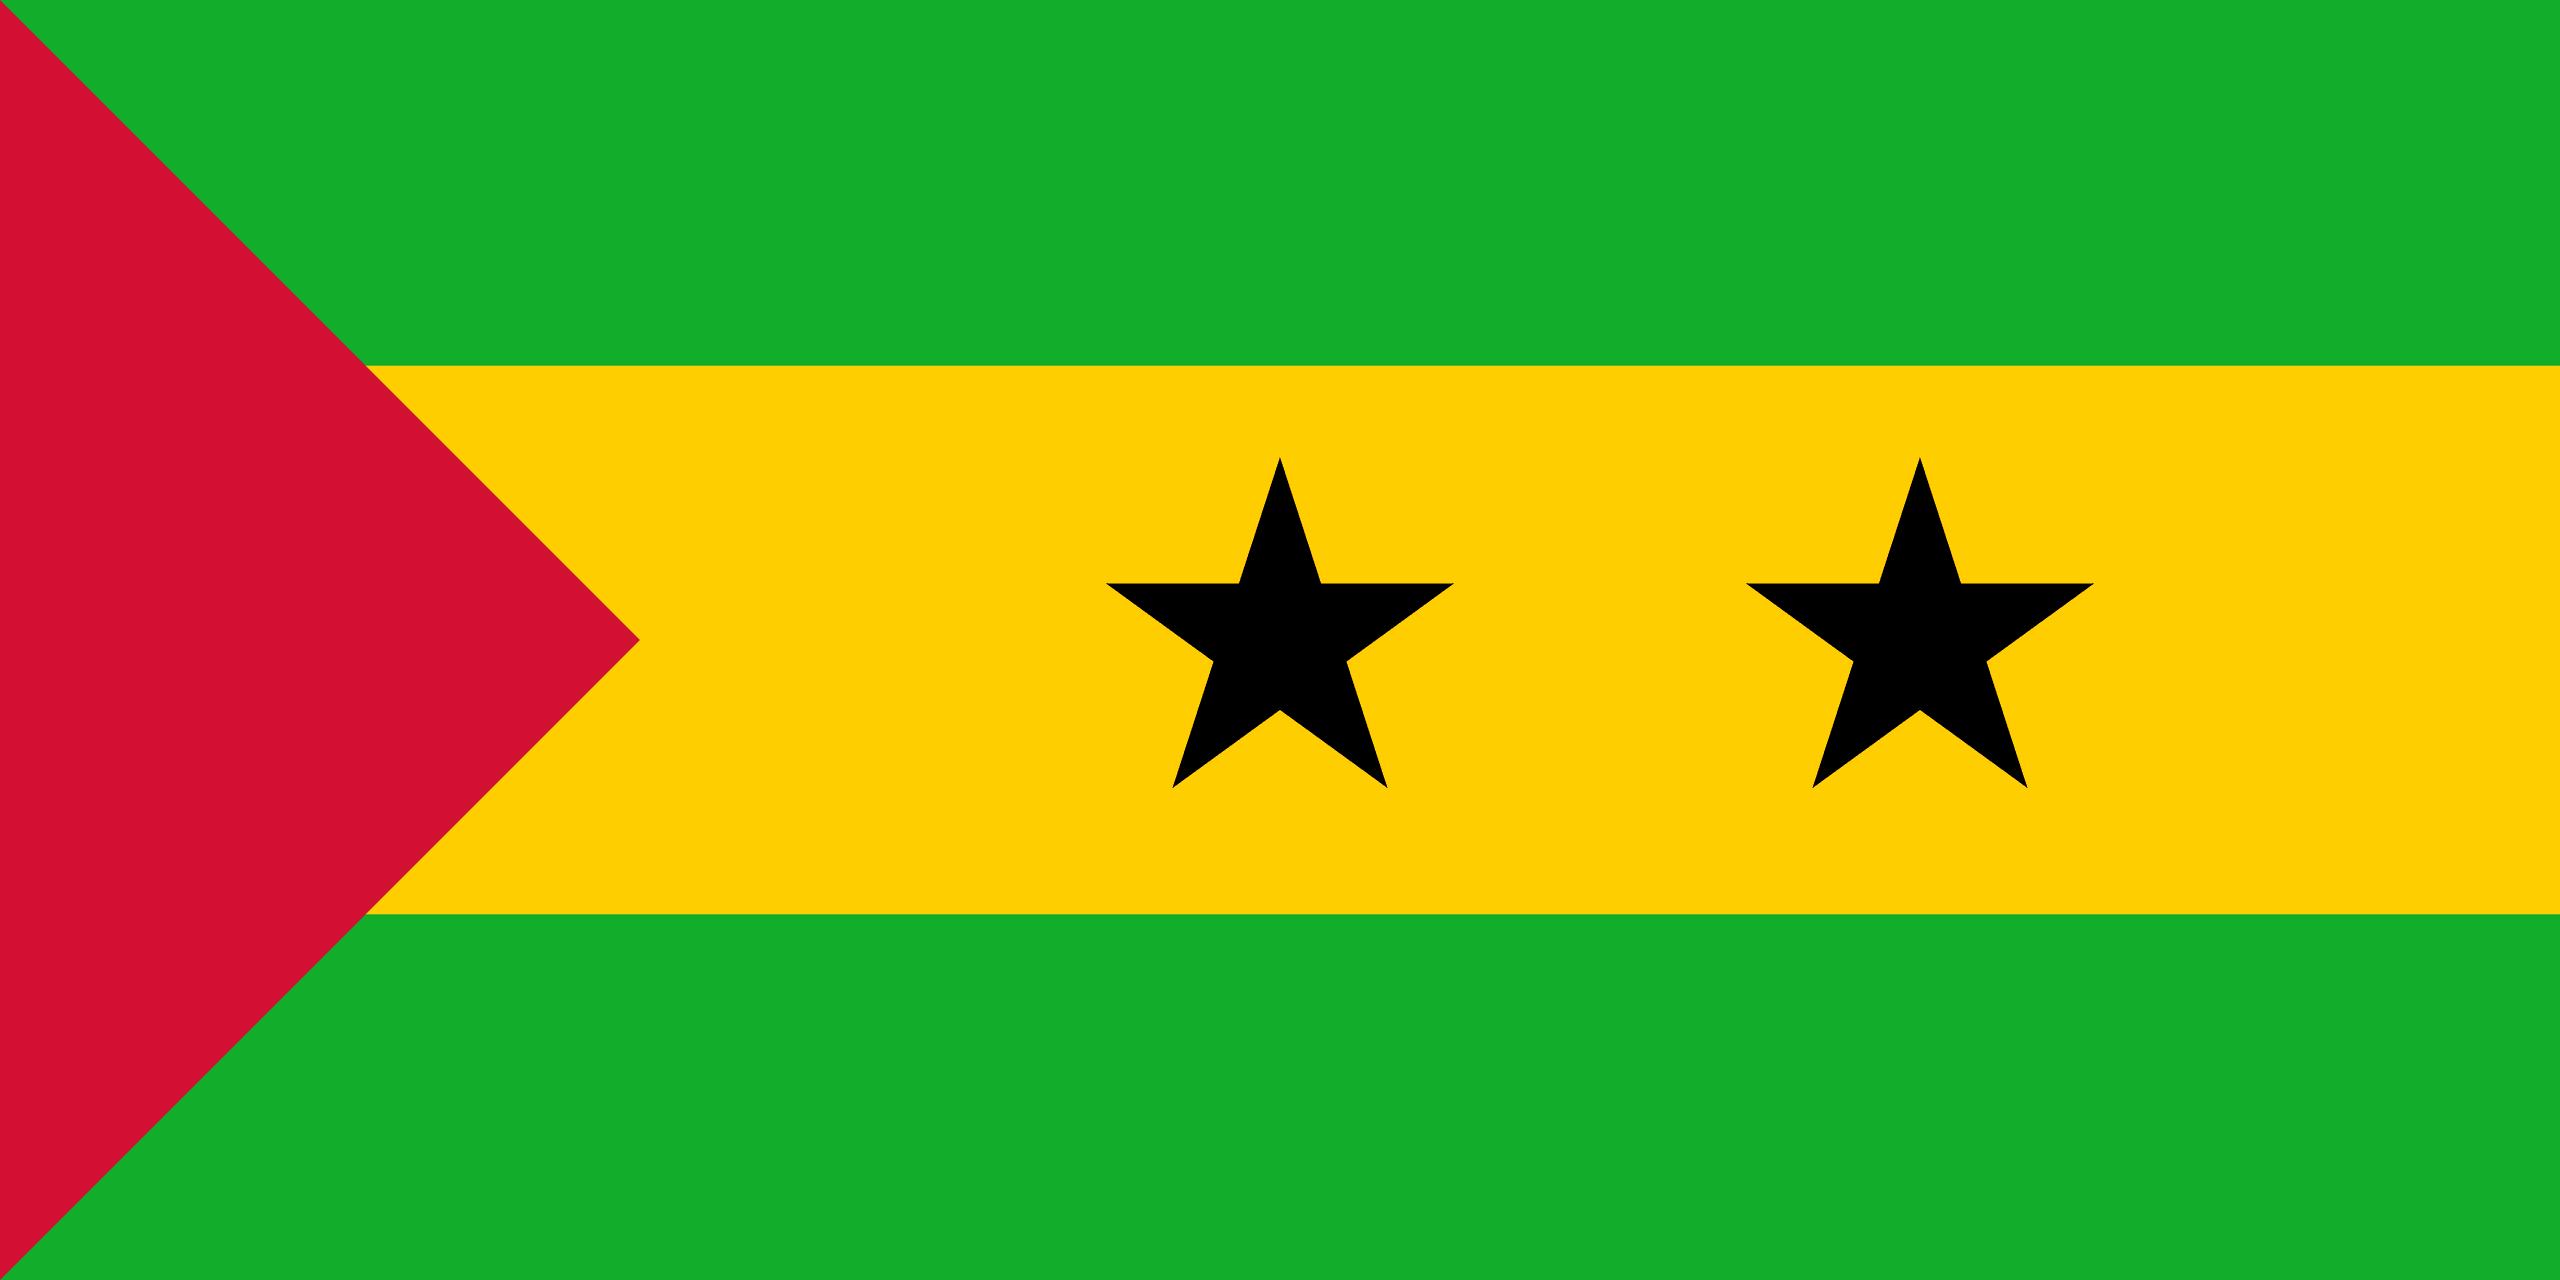 Σημαία Σάο Τομέ και Πρίνσιπε